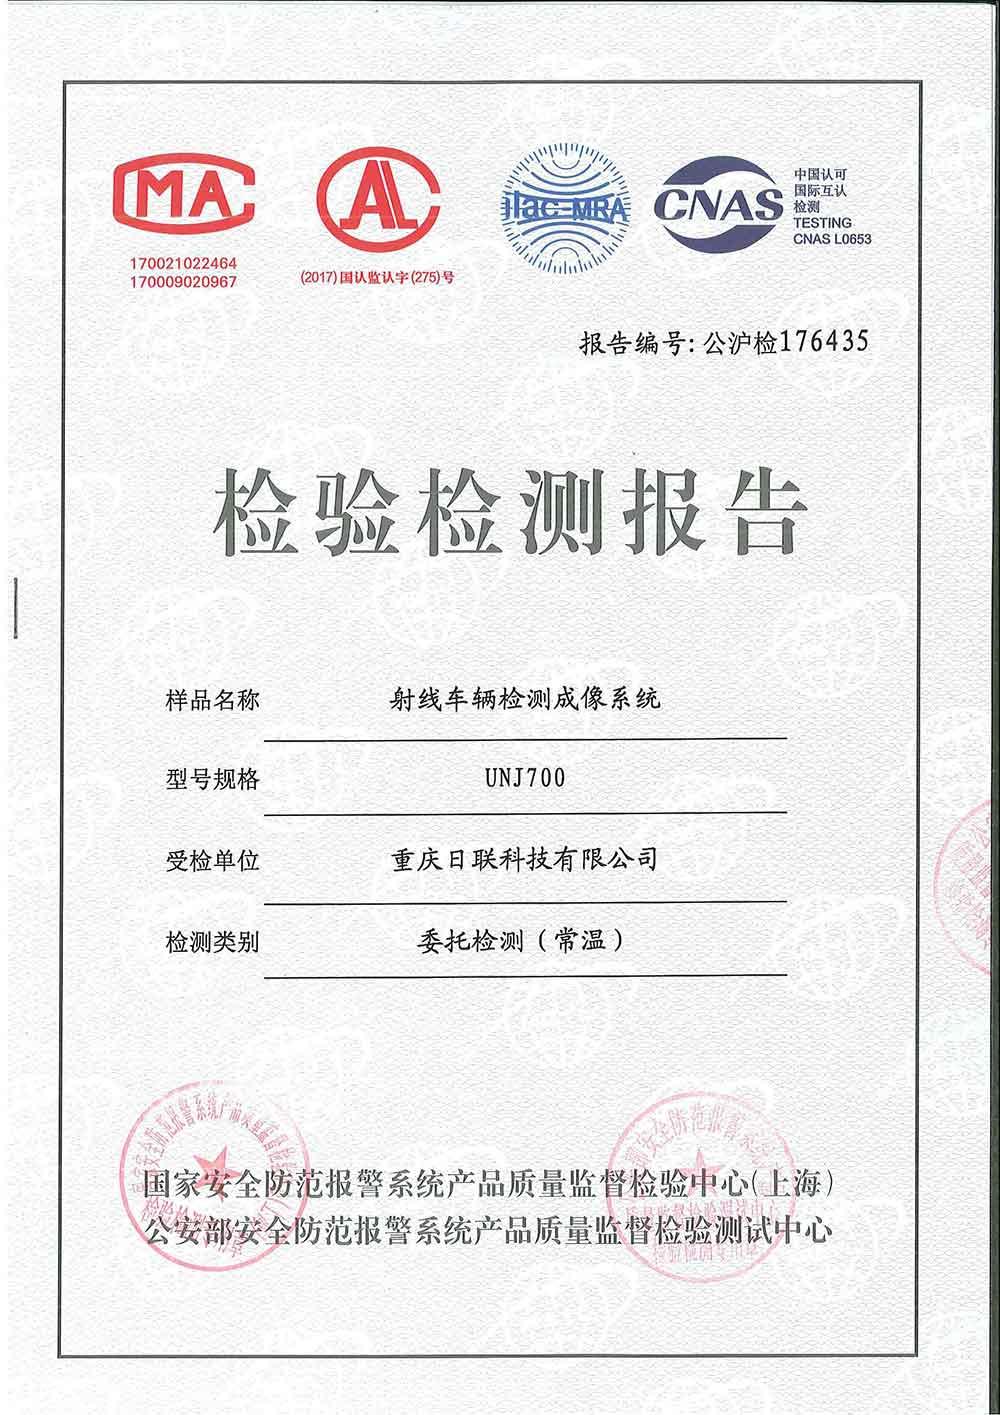 监狱车检系统·公安部检测认证报告